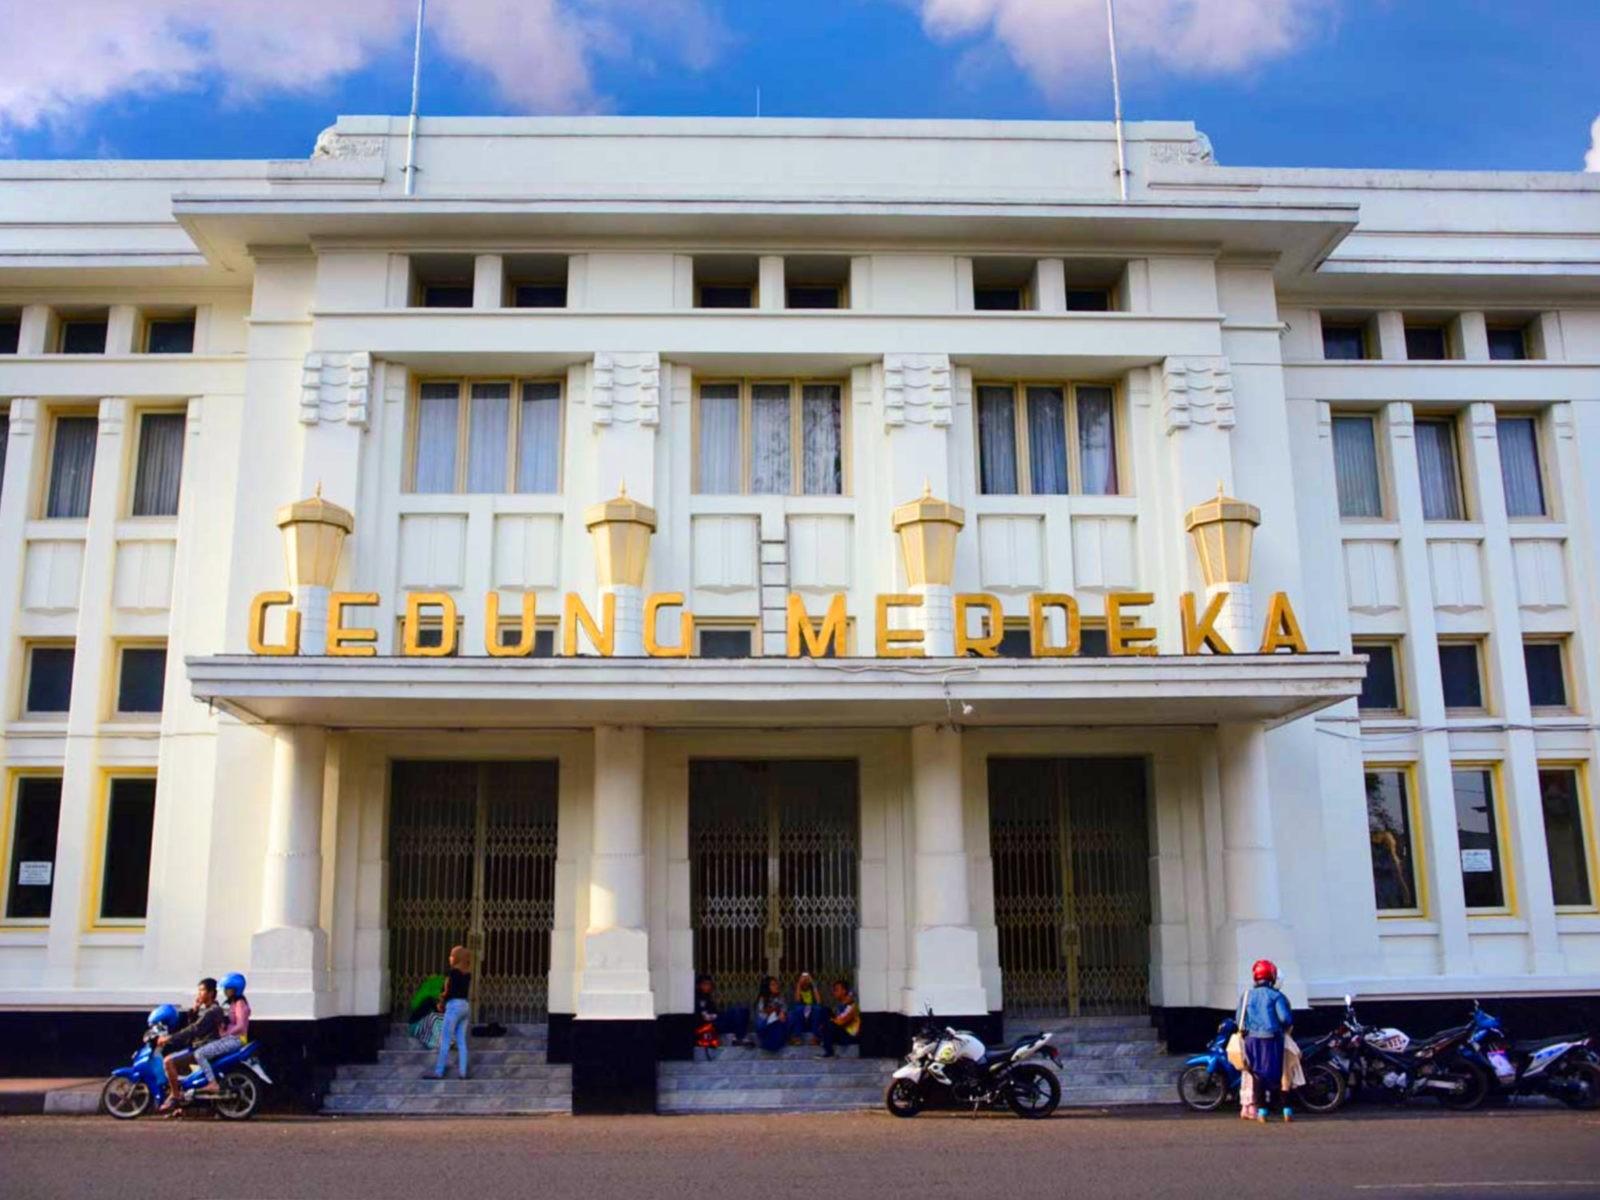 Edificio Gedung Merdeka